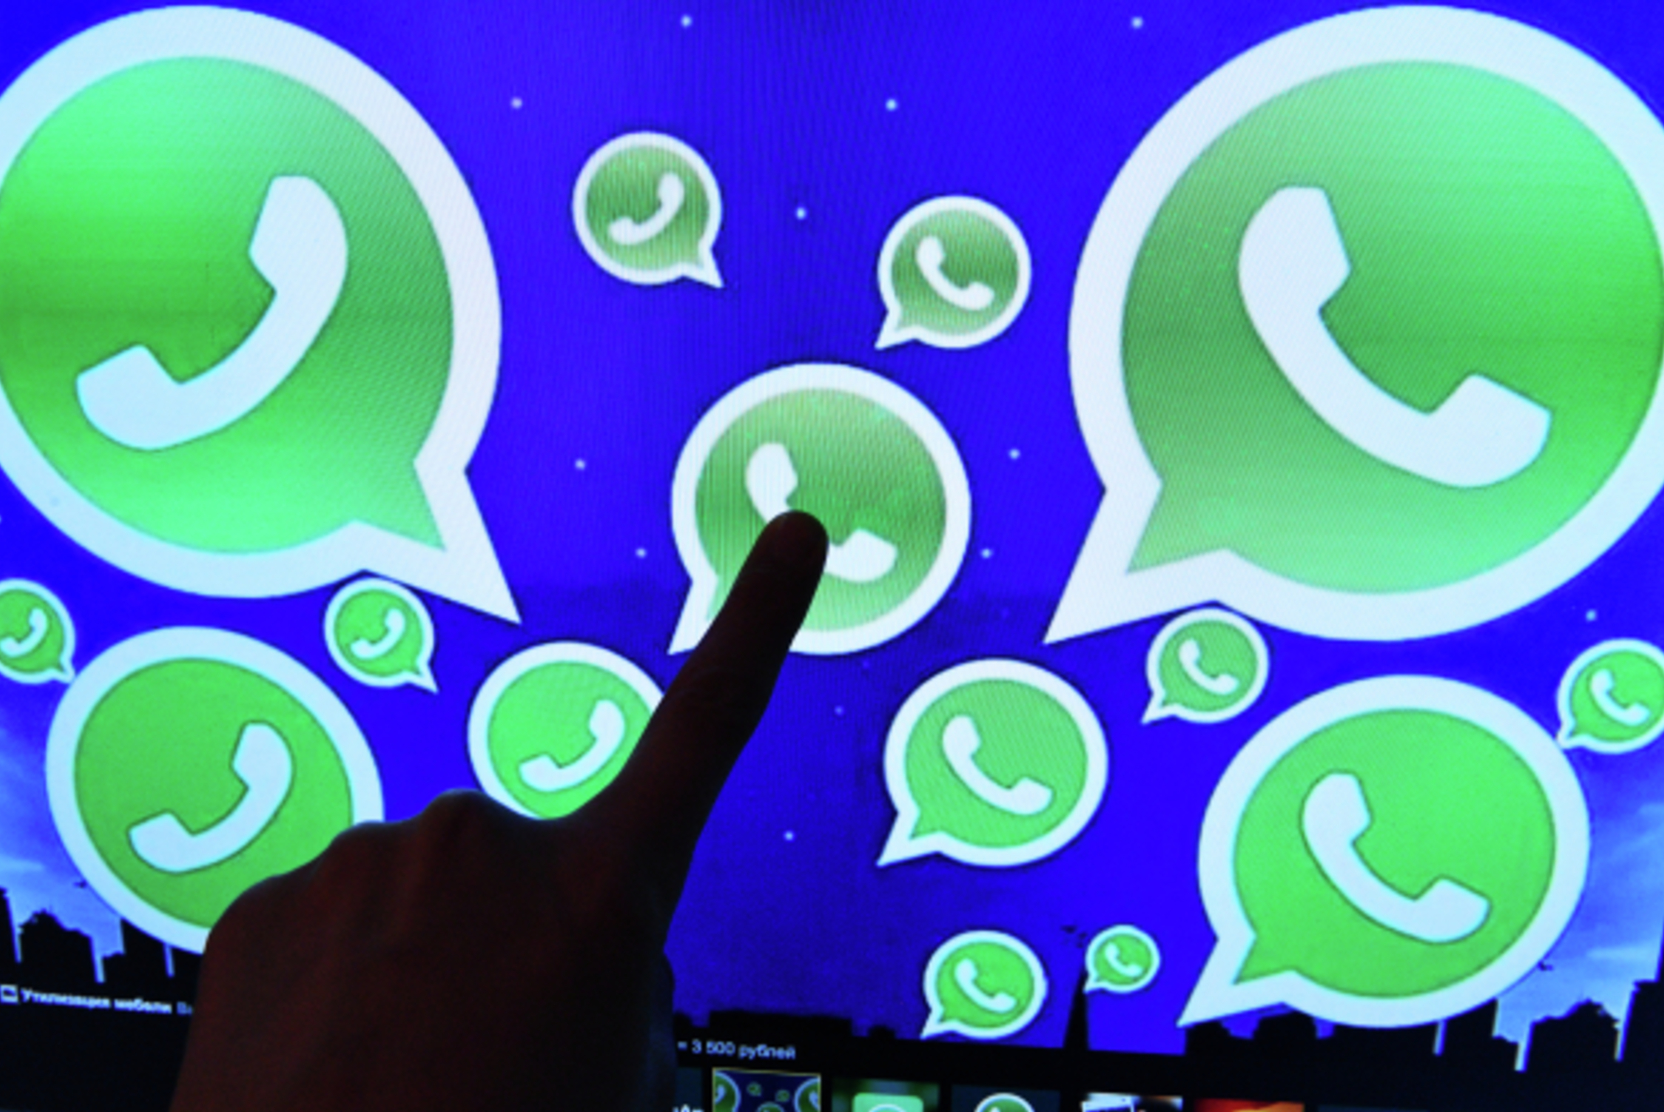 У ряда пользователей WhatsApp с 15 мая начнут действовать ограничения